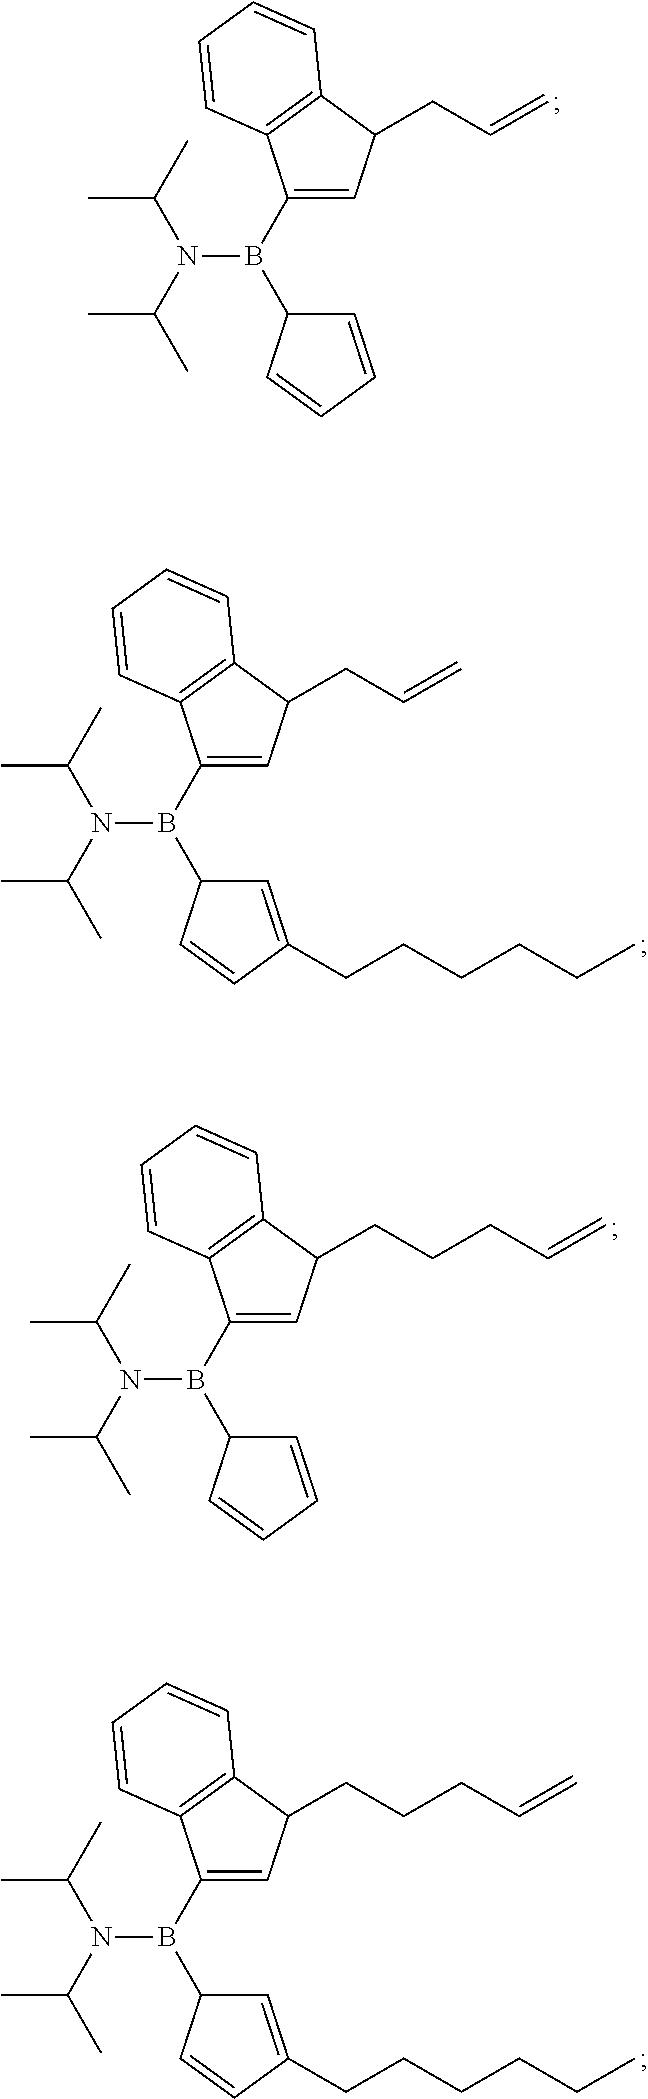 Figure US09574031-20170221-C00006